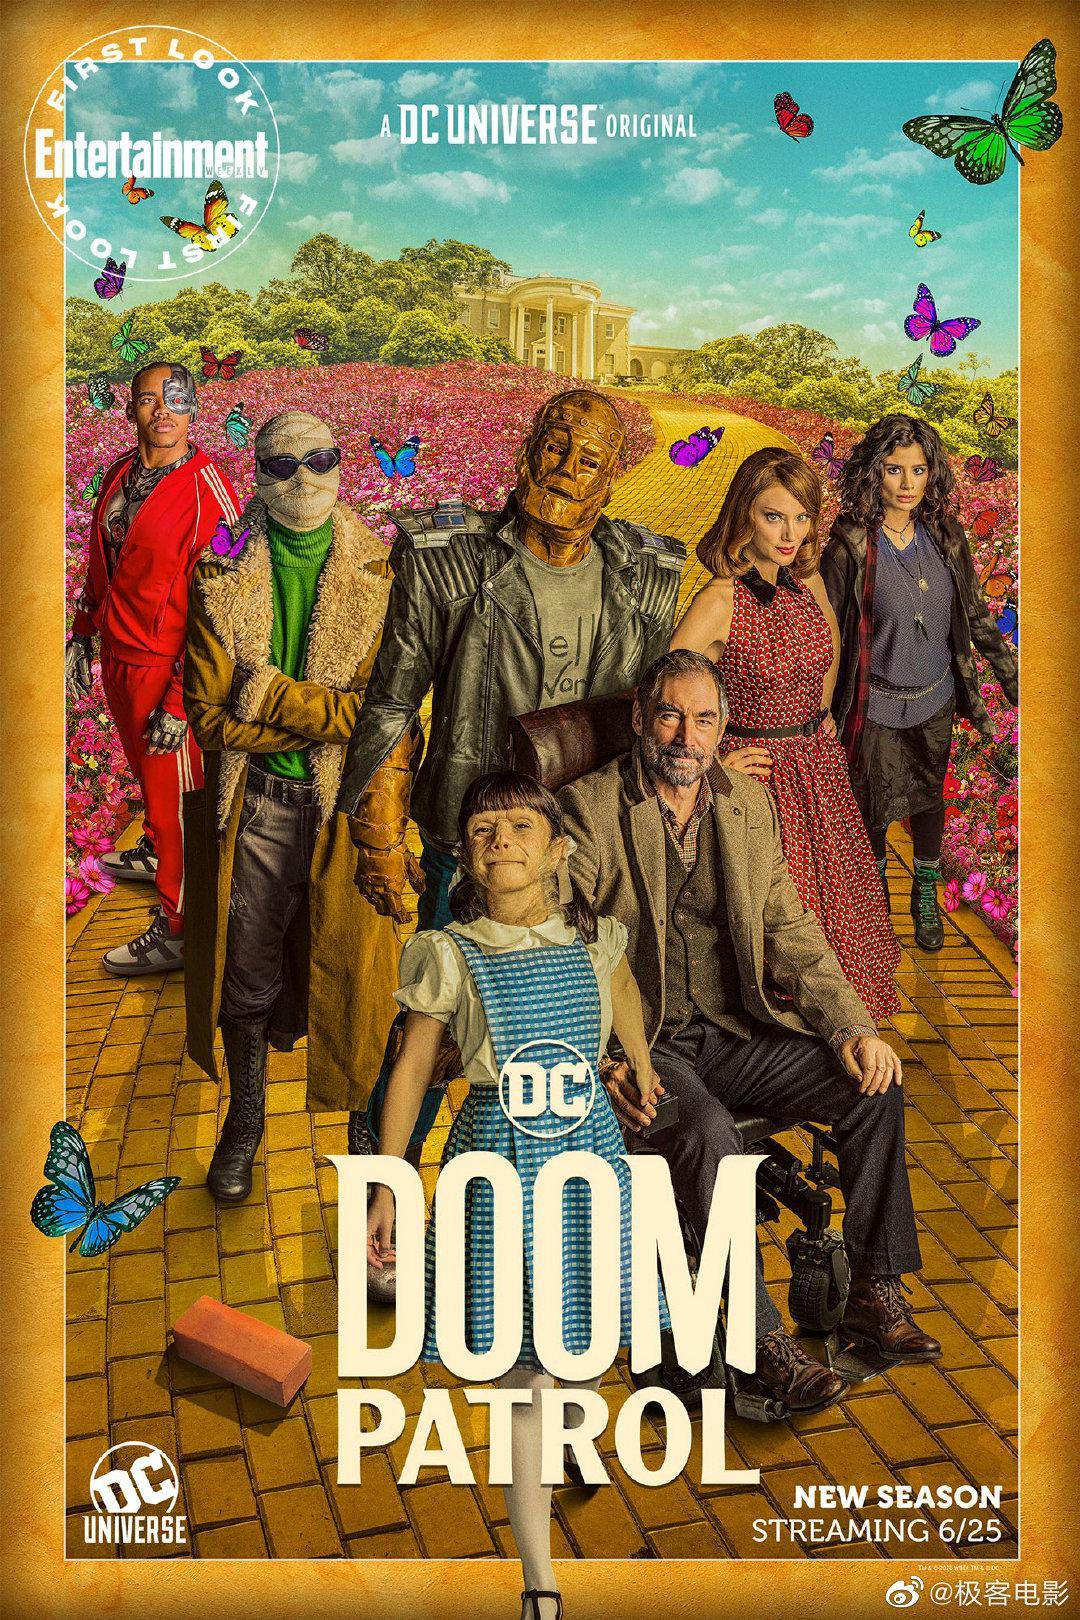 的超级英雄群像剧《末日巡逻队》第二季海报及首批剧照公布……